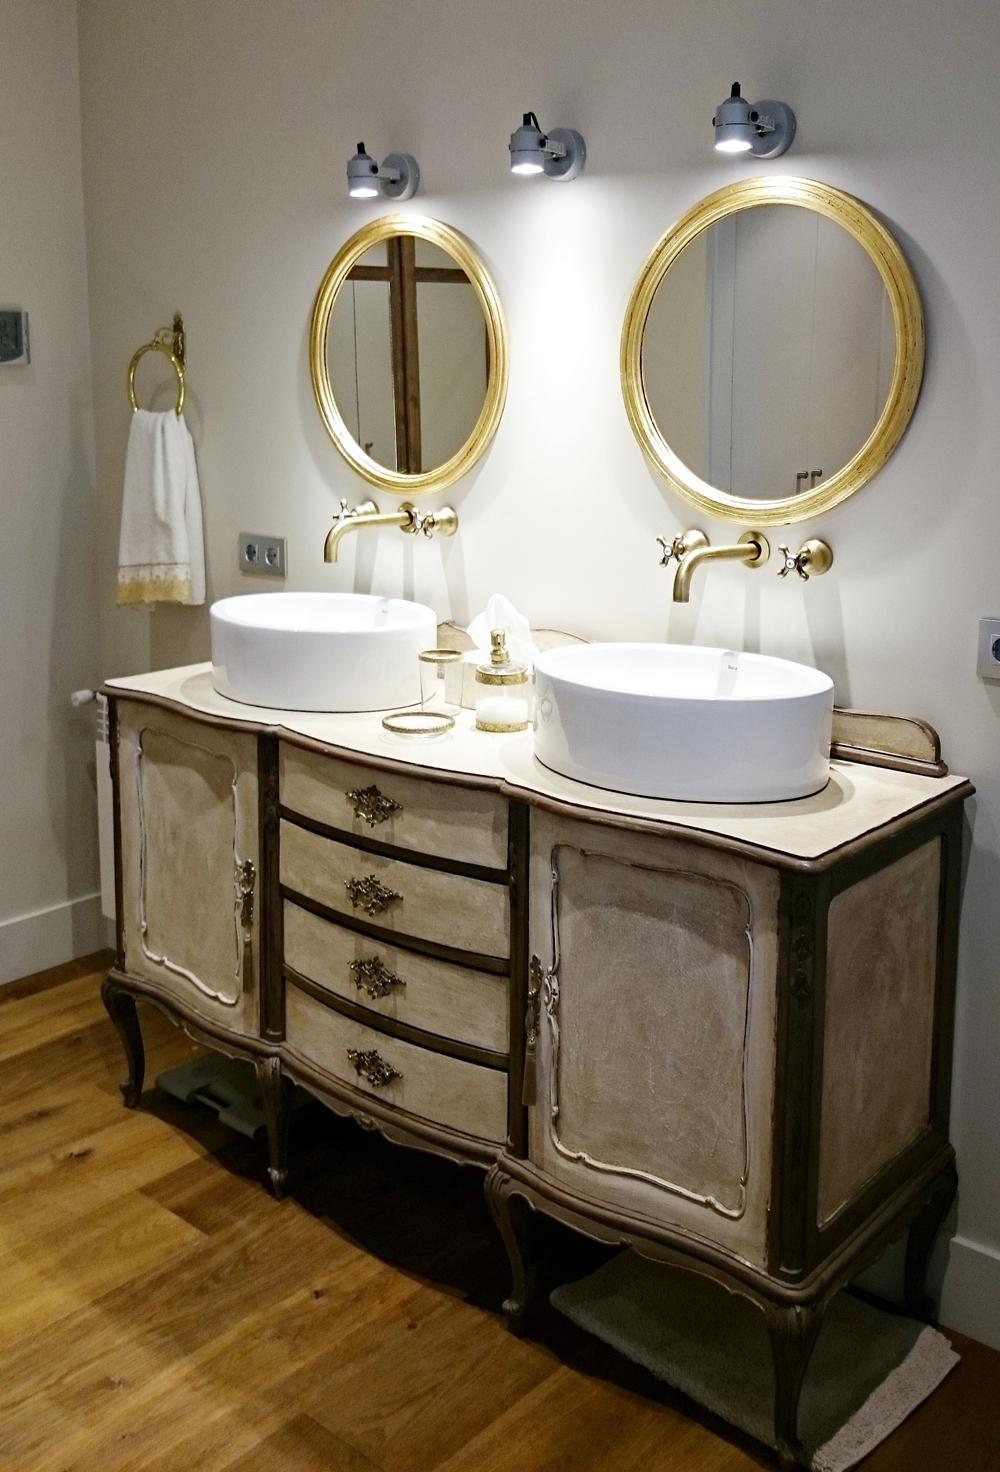 Mueble de baño vintage estilo Luis XV | Tienda online de decoración ...